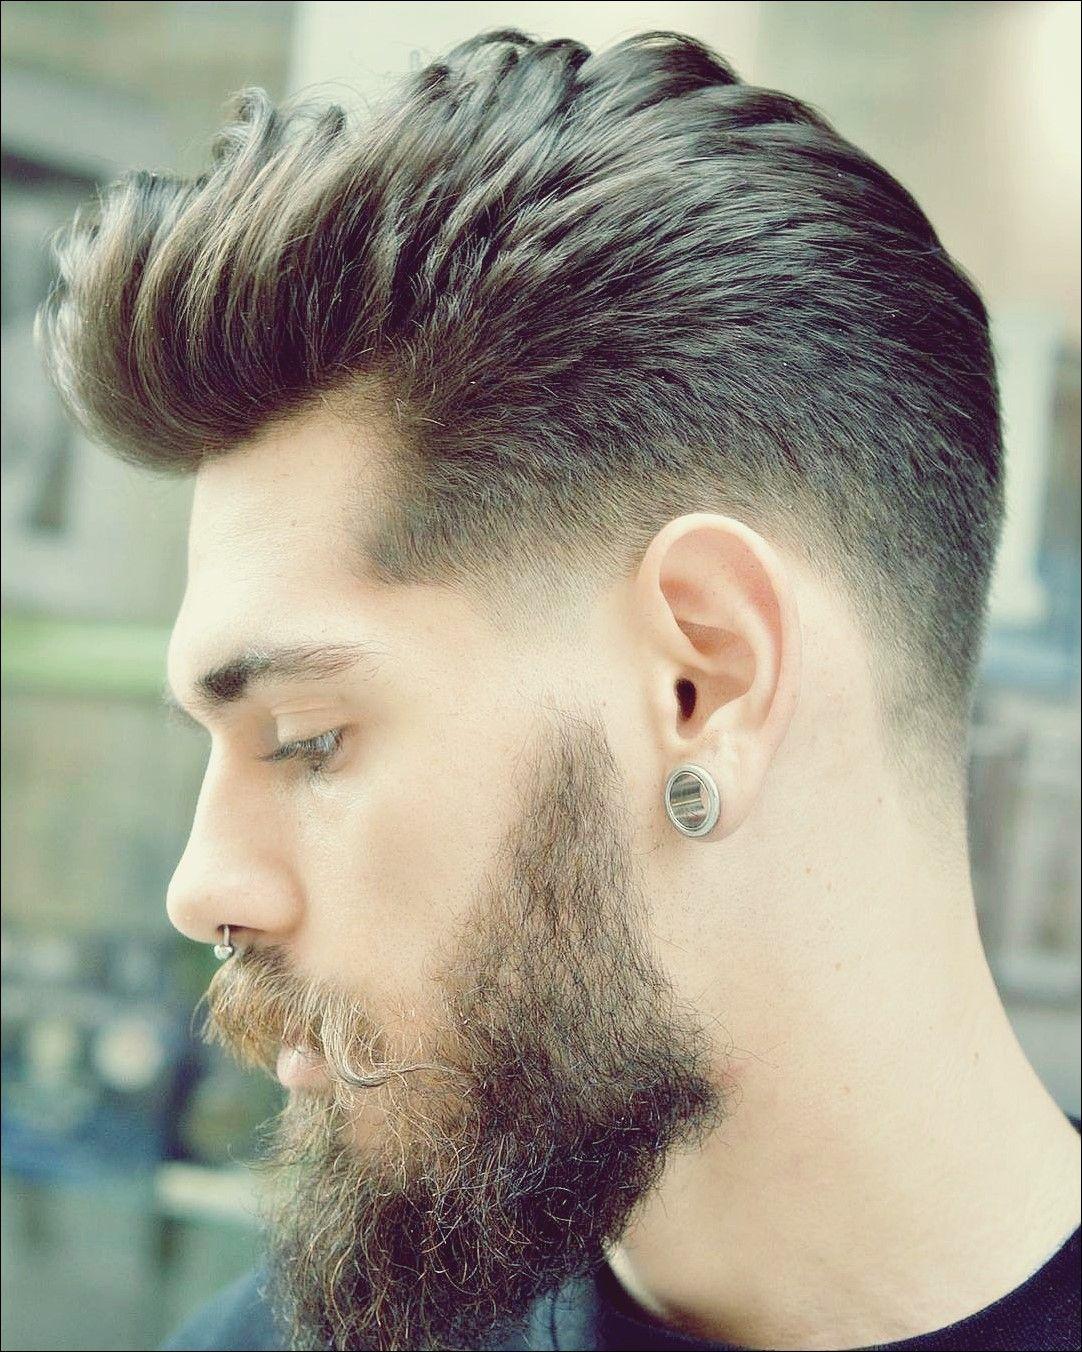 Herren Haarschnitt Hohe Stirn